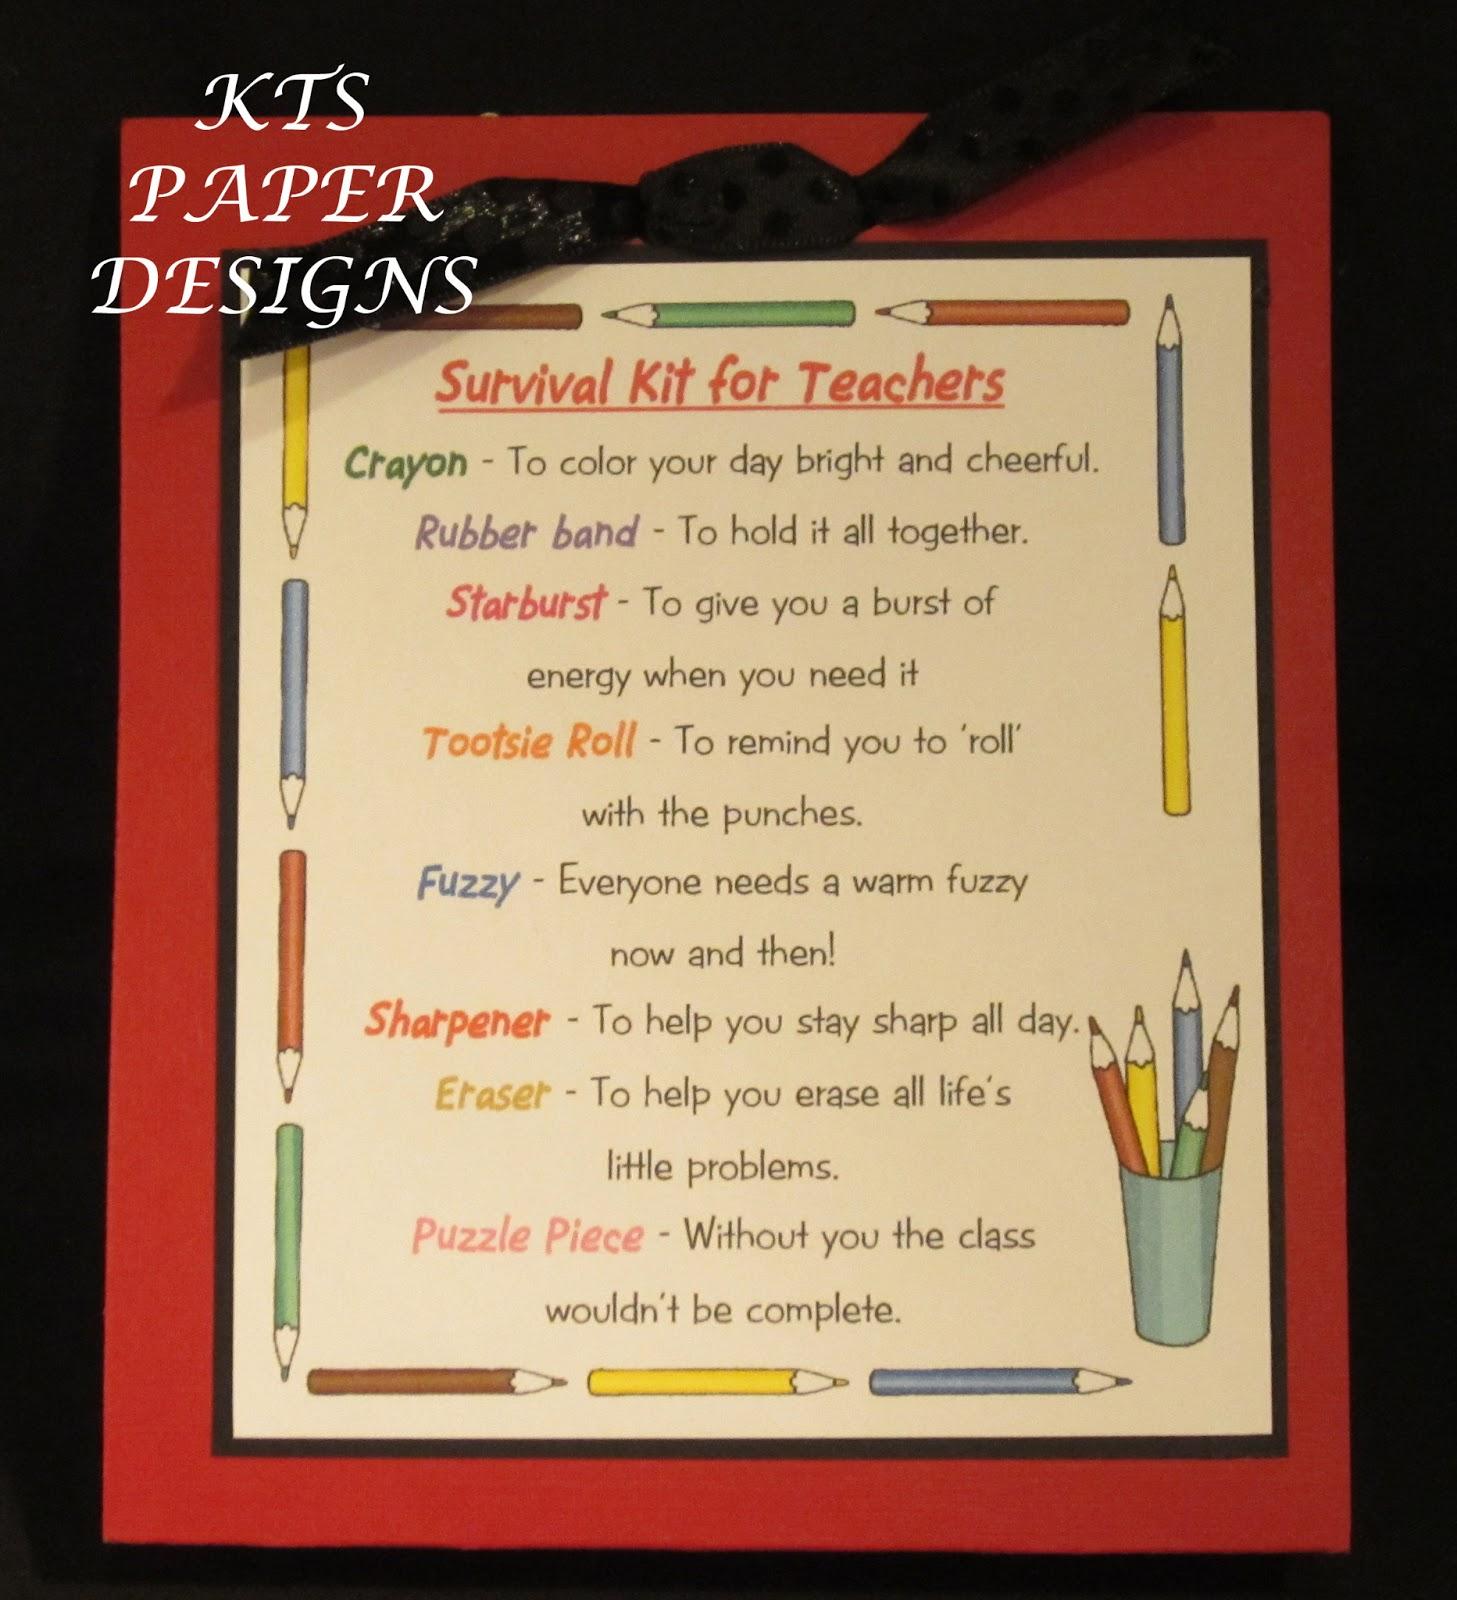 KTS Paper Designs: Teacher & Bus Driver Survival Kits